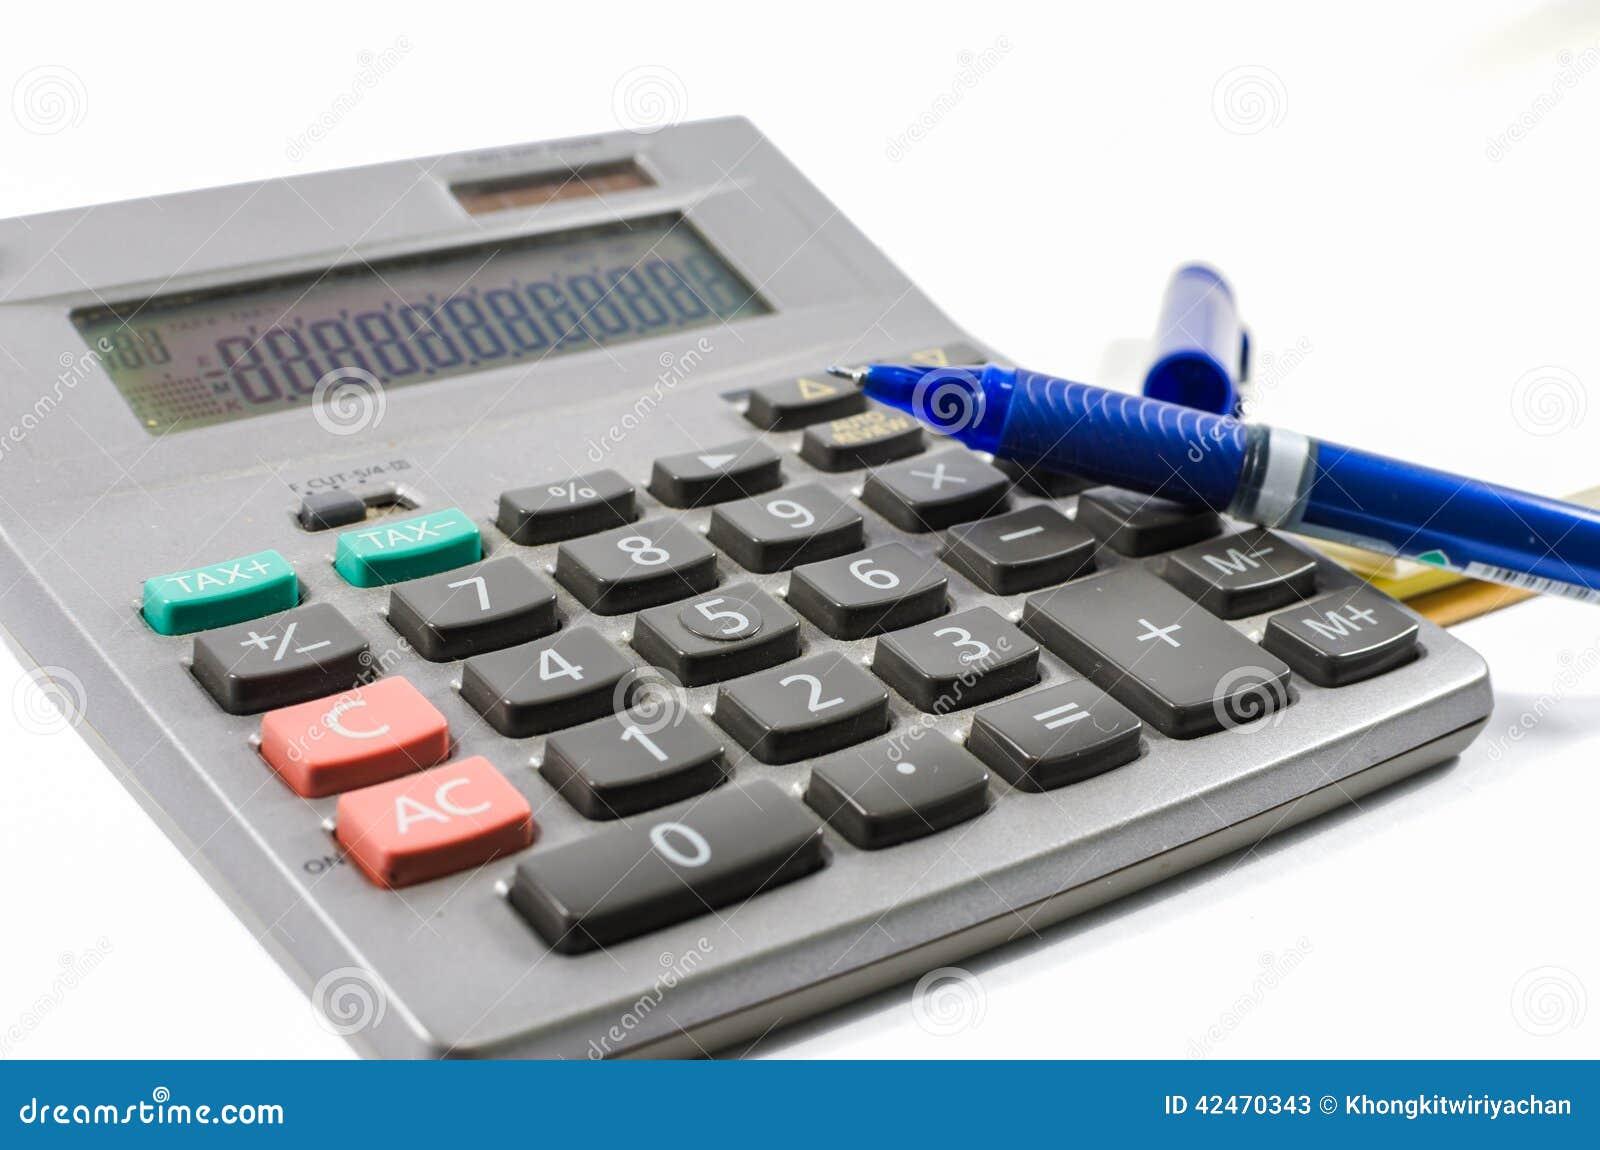 Alter silberner Taschenrechner mit Buch und Stift